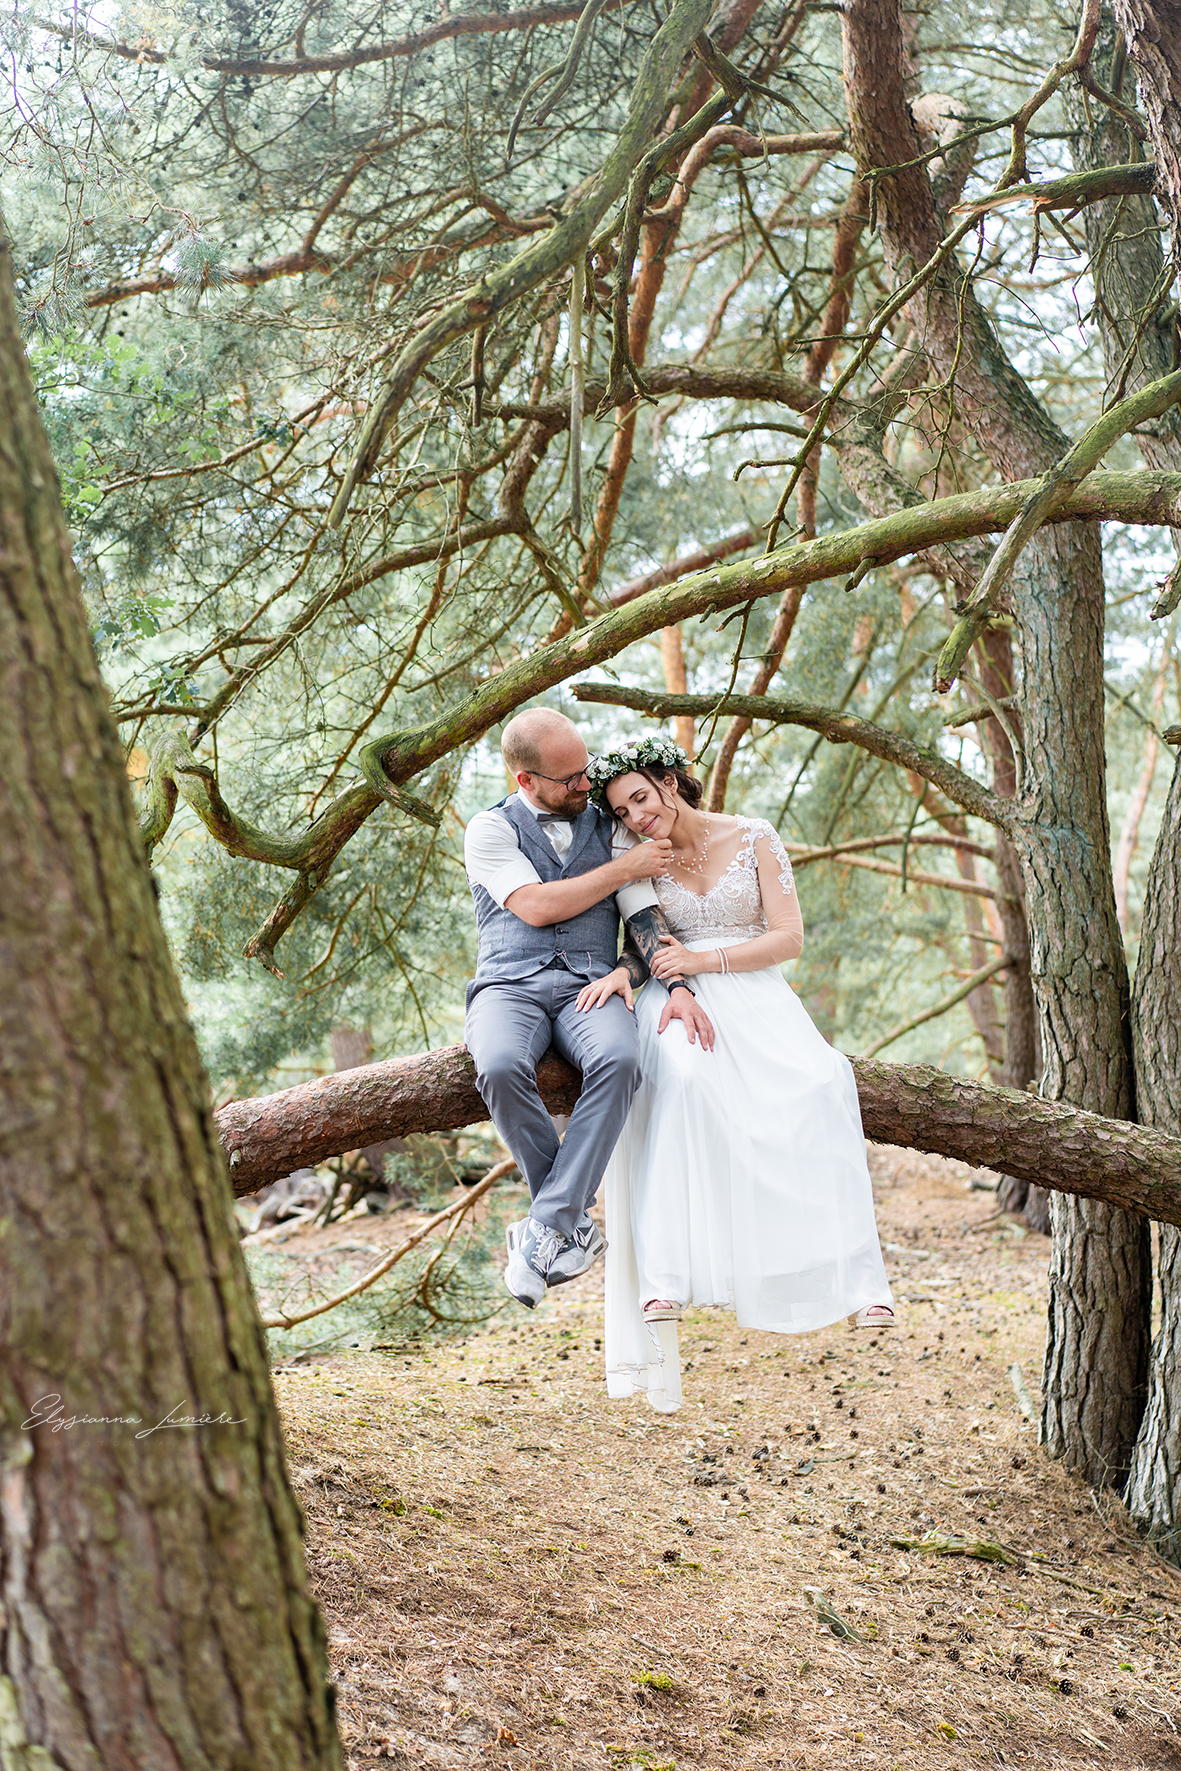 Fotoshooting Hochzeitsfotos auf einem Baumstamm in der Höhe